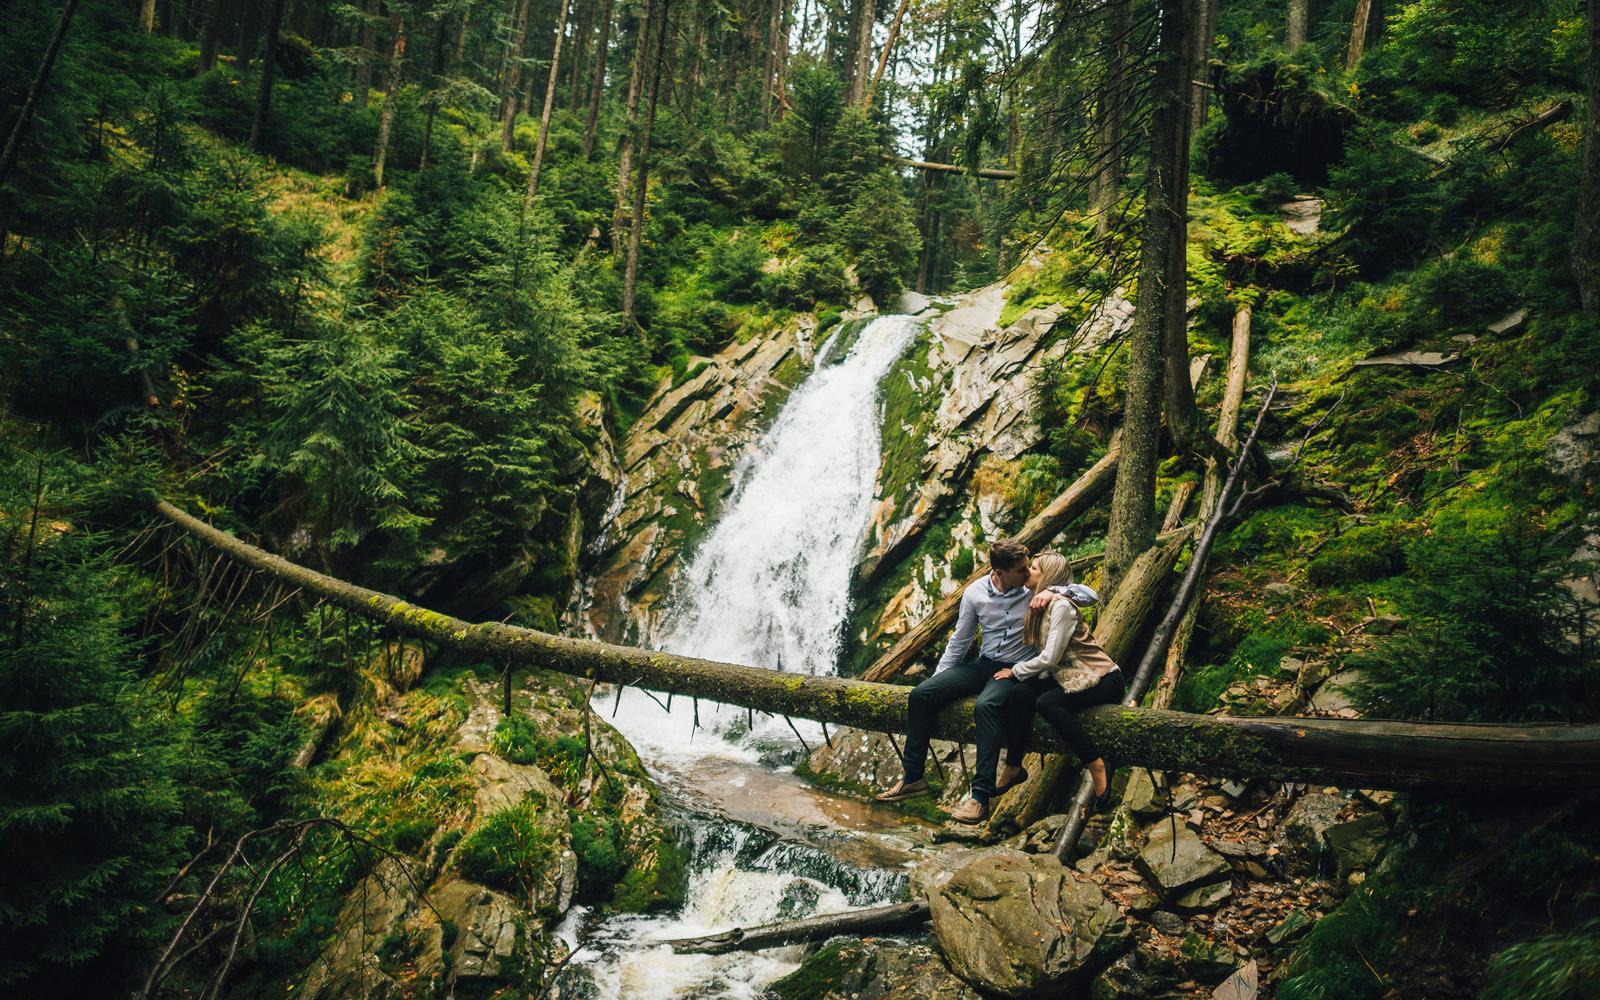 """Ivona{{_AND_}}Pavel - Opravdu zážitek vylézt na kmen stromu """"den před svatbou"""" :D """"ála kaskadéři"""" :D. Nepříjemná zima a chlad od vodopádu nám to vše ztěžovalo :D. Pod námi už je jen propast 5 metrů ..."""